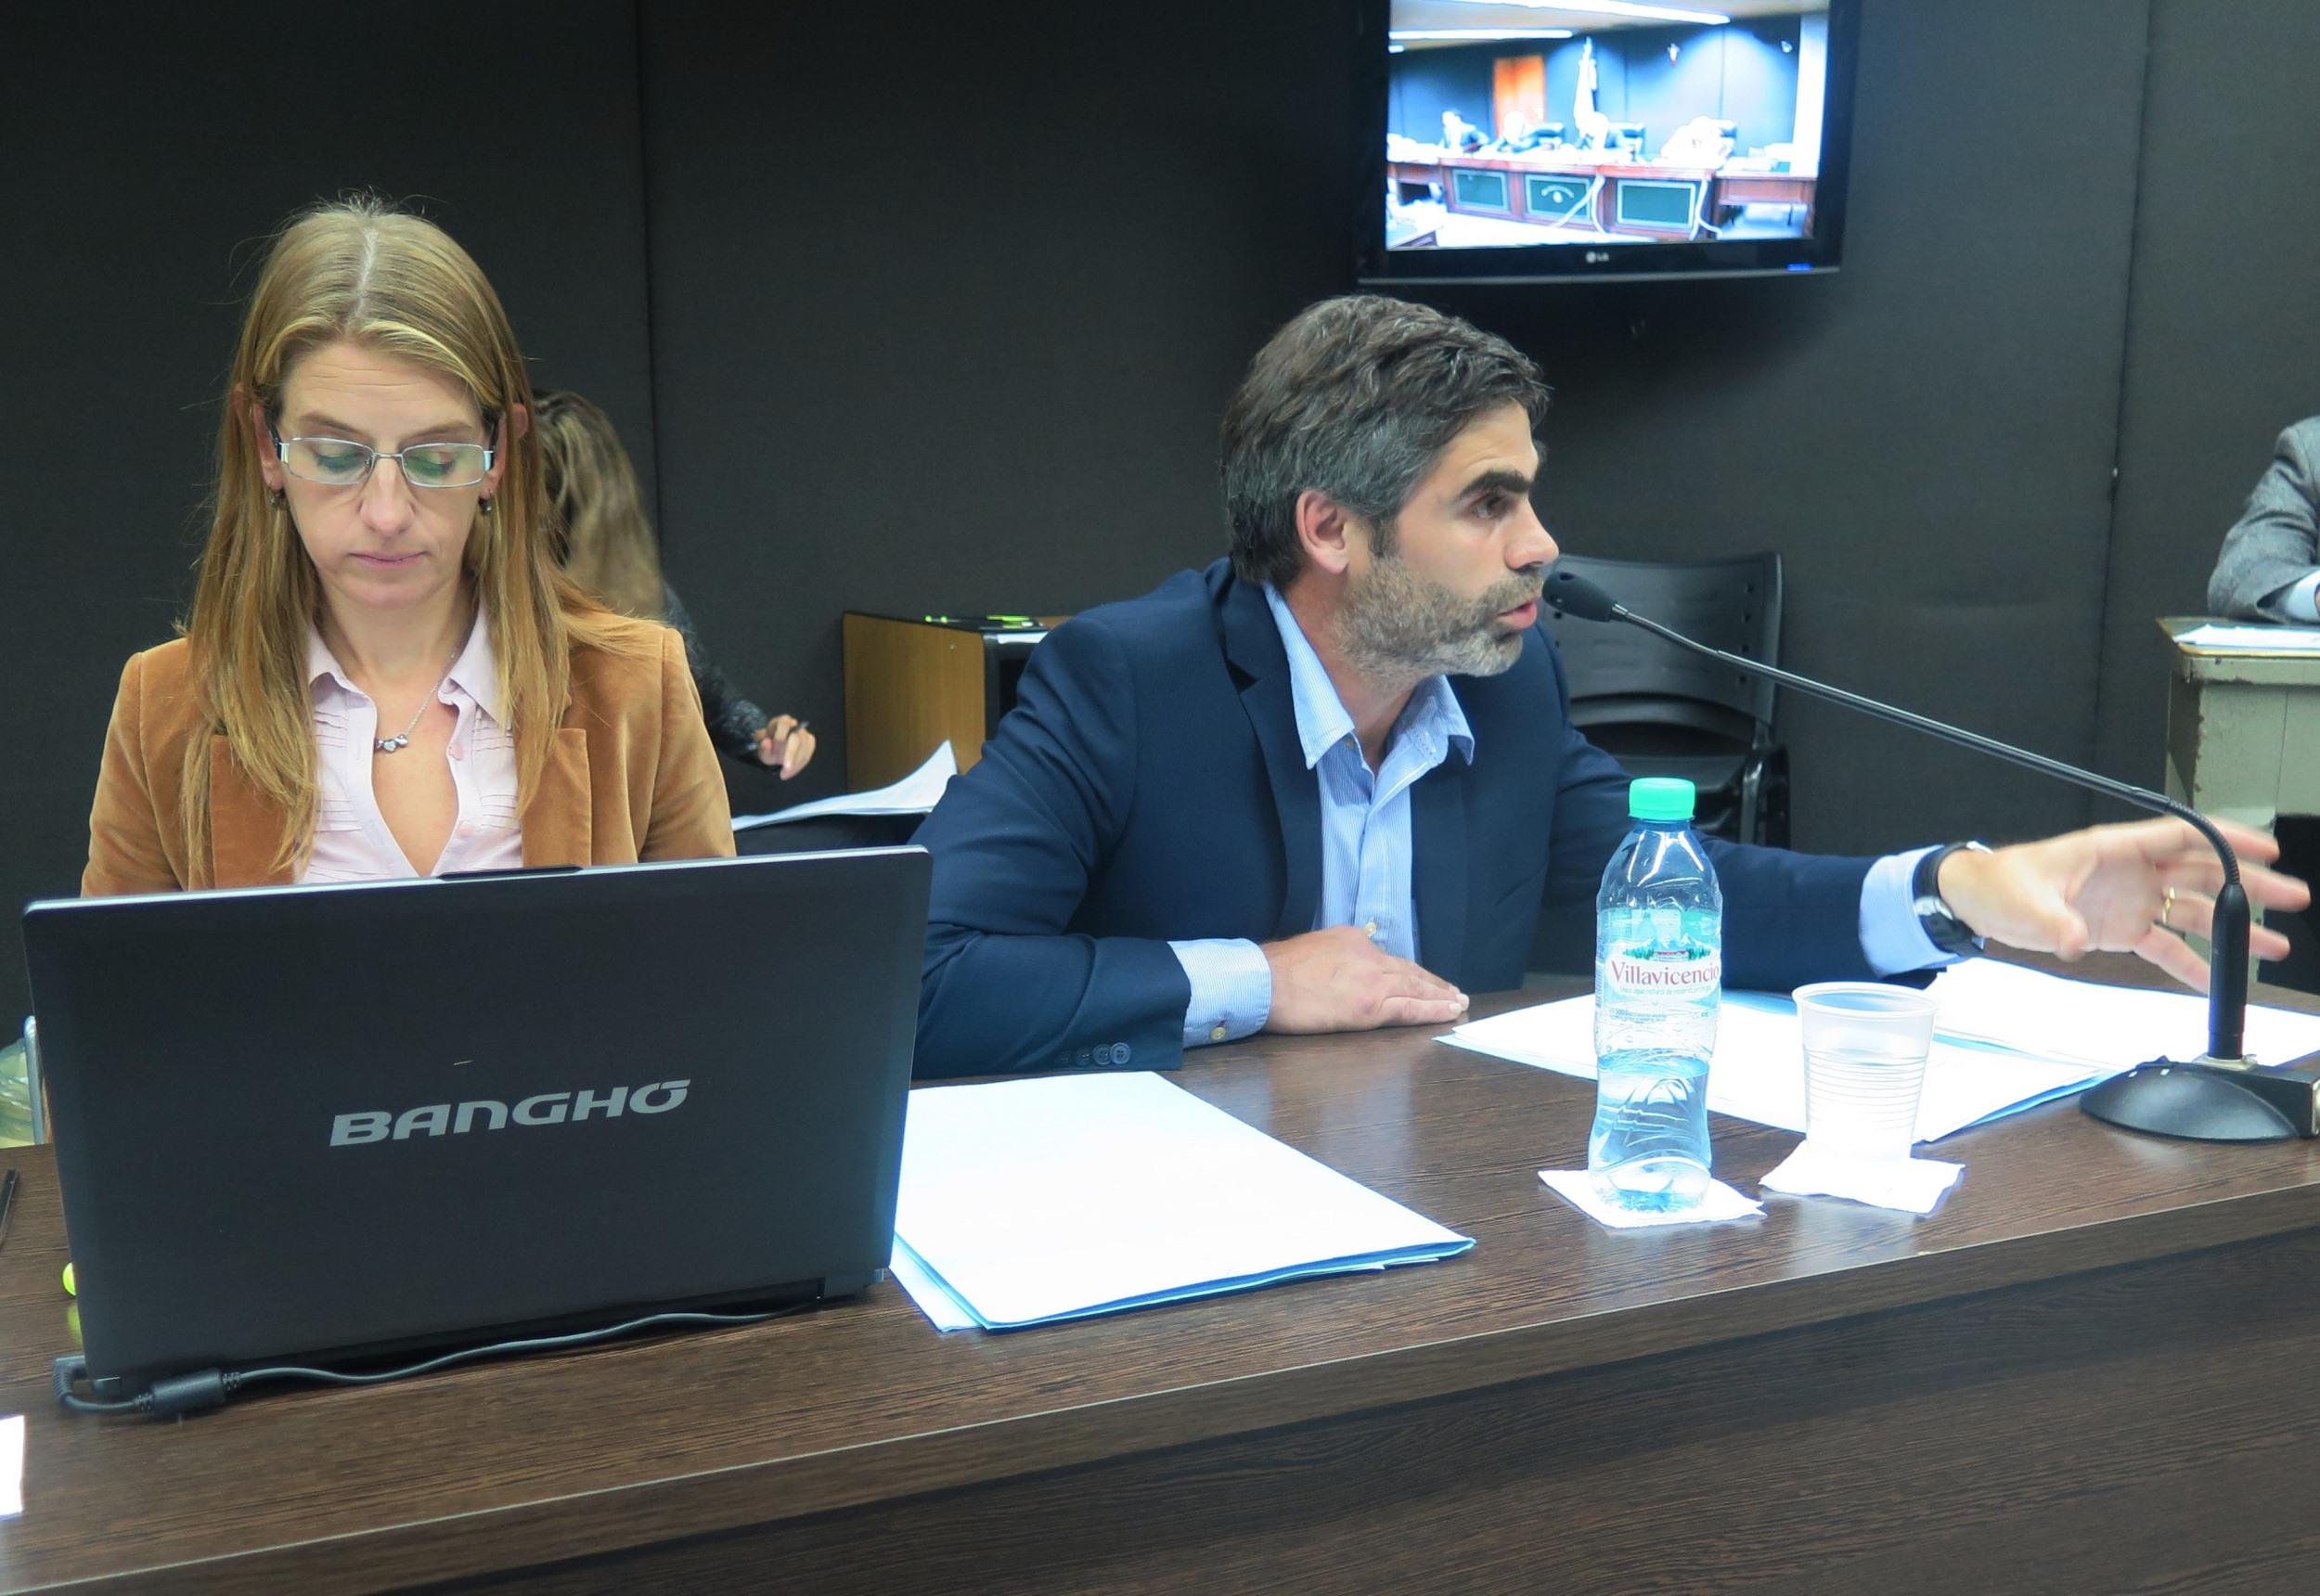 Maria Egenia Montero y Juan Manuel Portela representaron a la Fiscalía.  - Foto: Belén Cano / Fiscalía General de Mar del Plata.